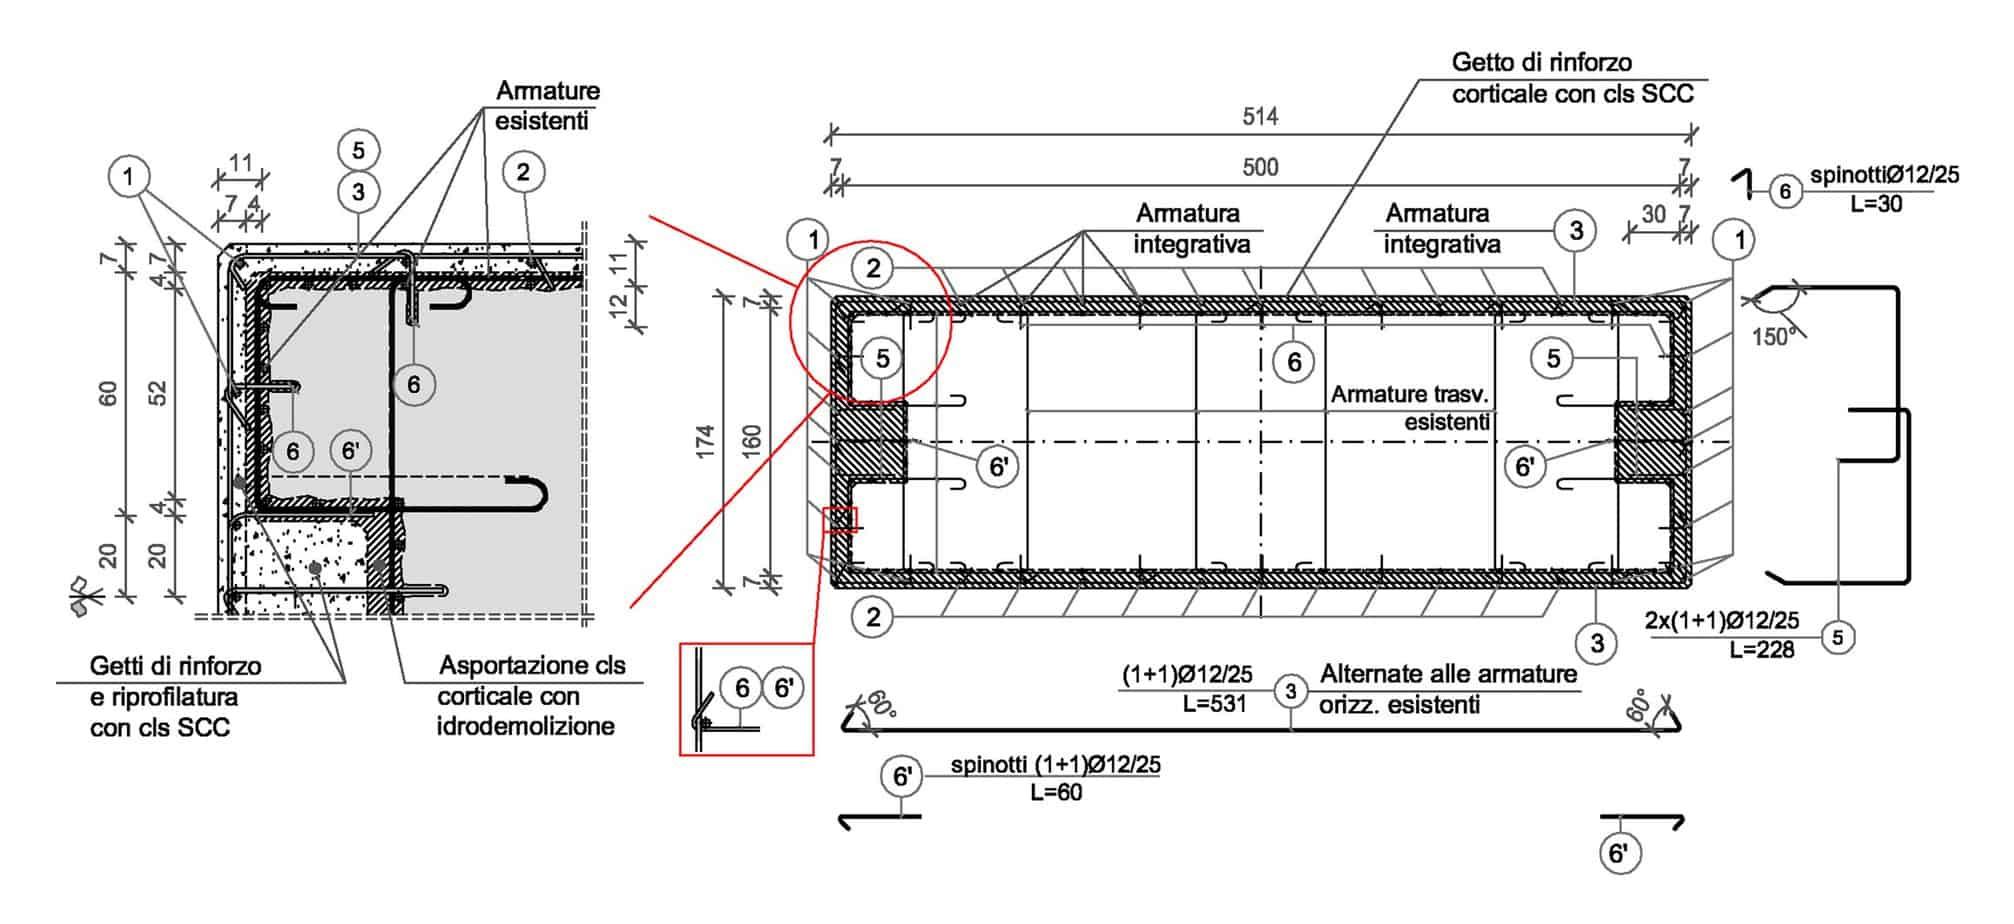 Lo schema dell'intervento di risanamento/rinforzo dei fusti delle pile (dimensioni in centimetri): dettaglio e armatura della sezione tipica